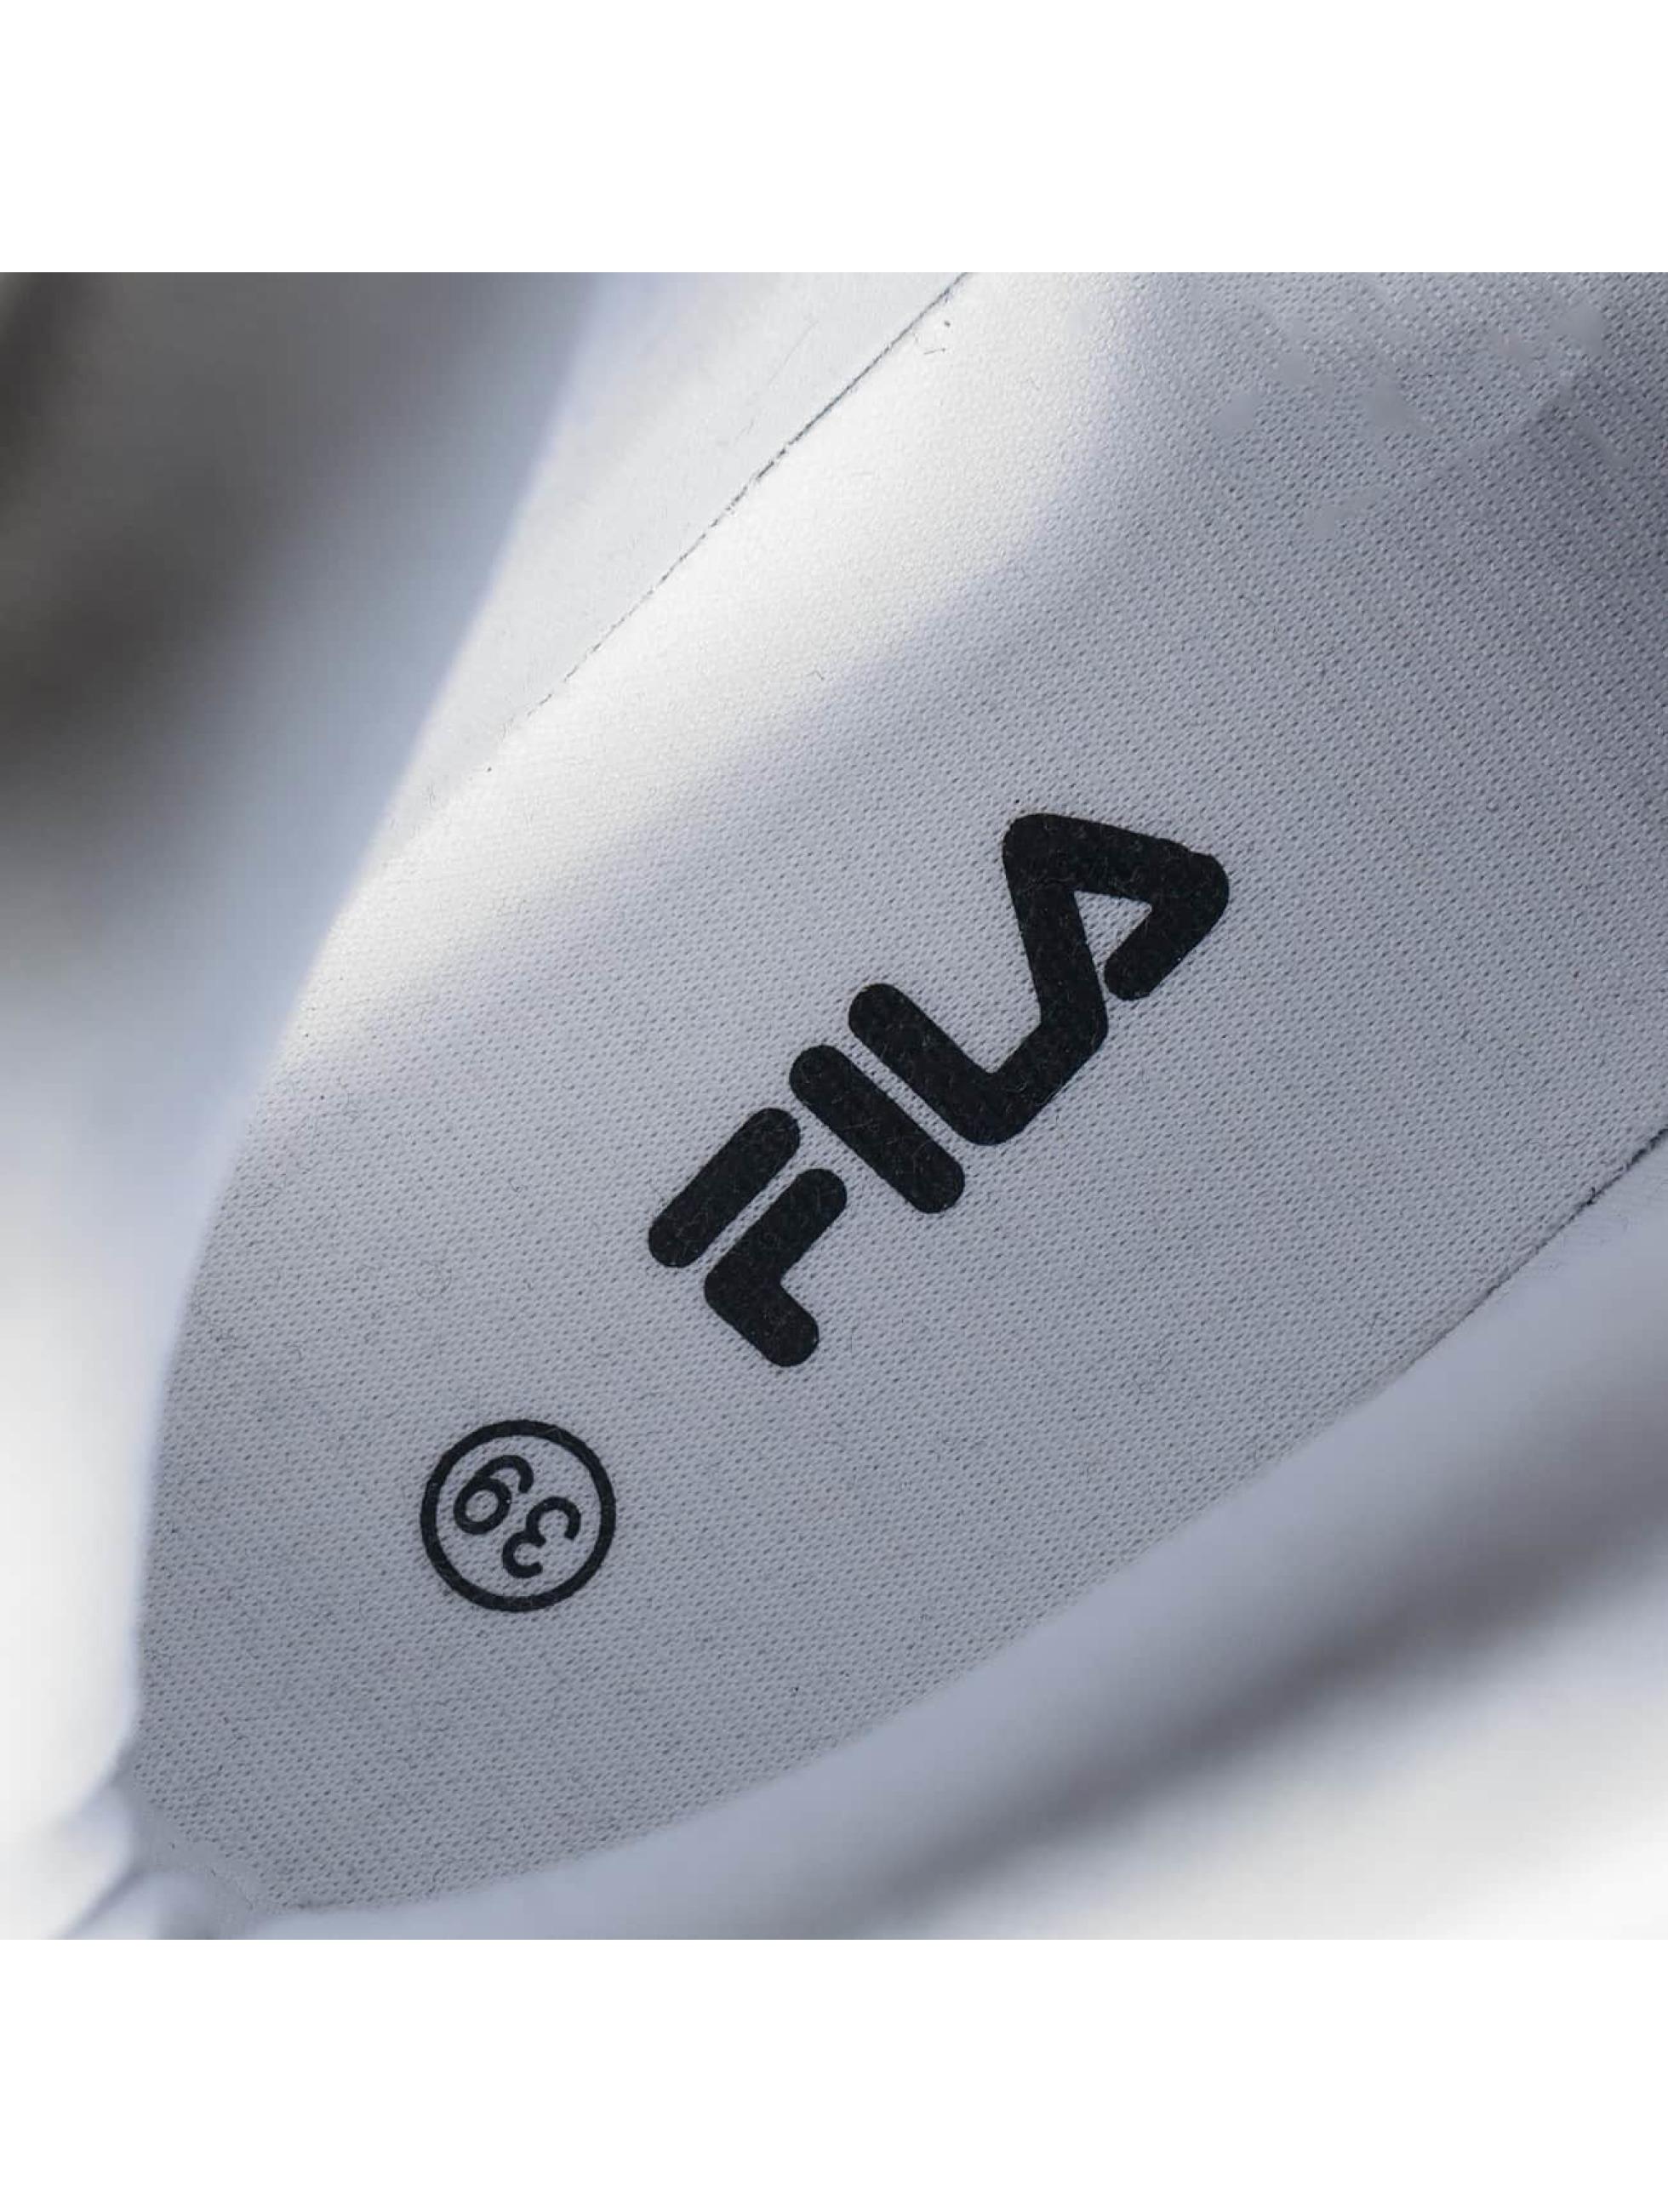 FILA Tøysko Falcon 2 Mid hvit